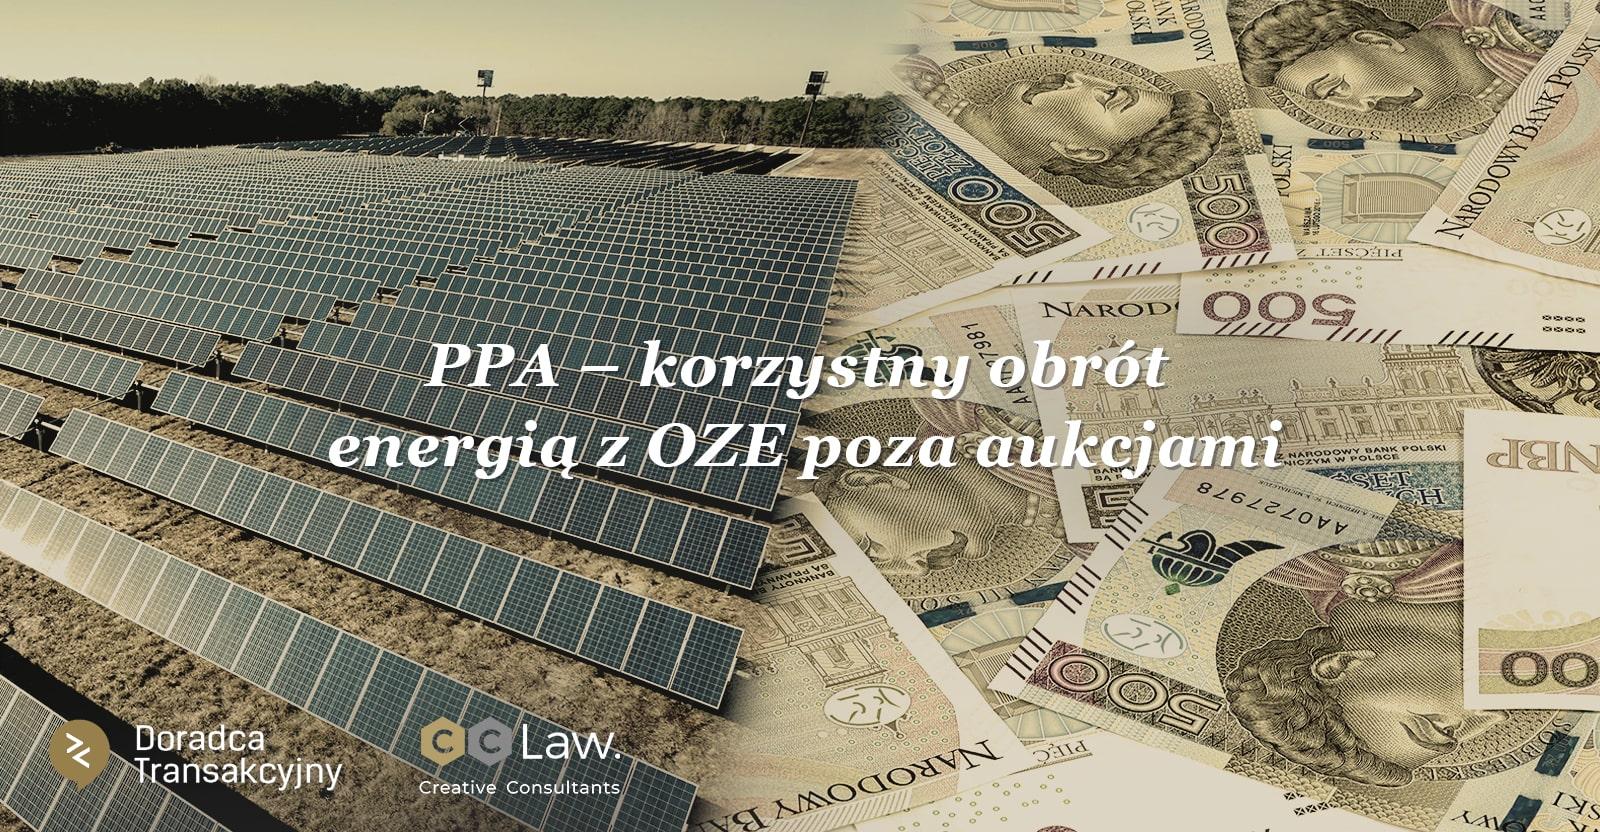 lipiec_18_korzystny_obrót-min